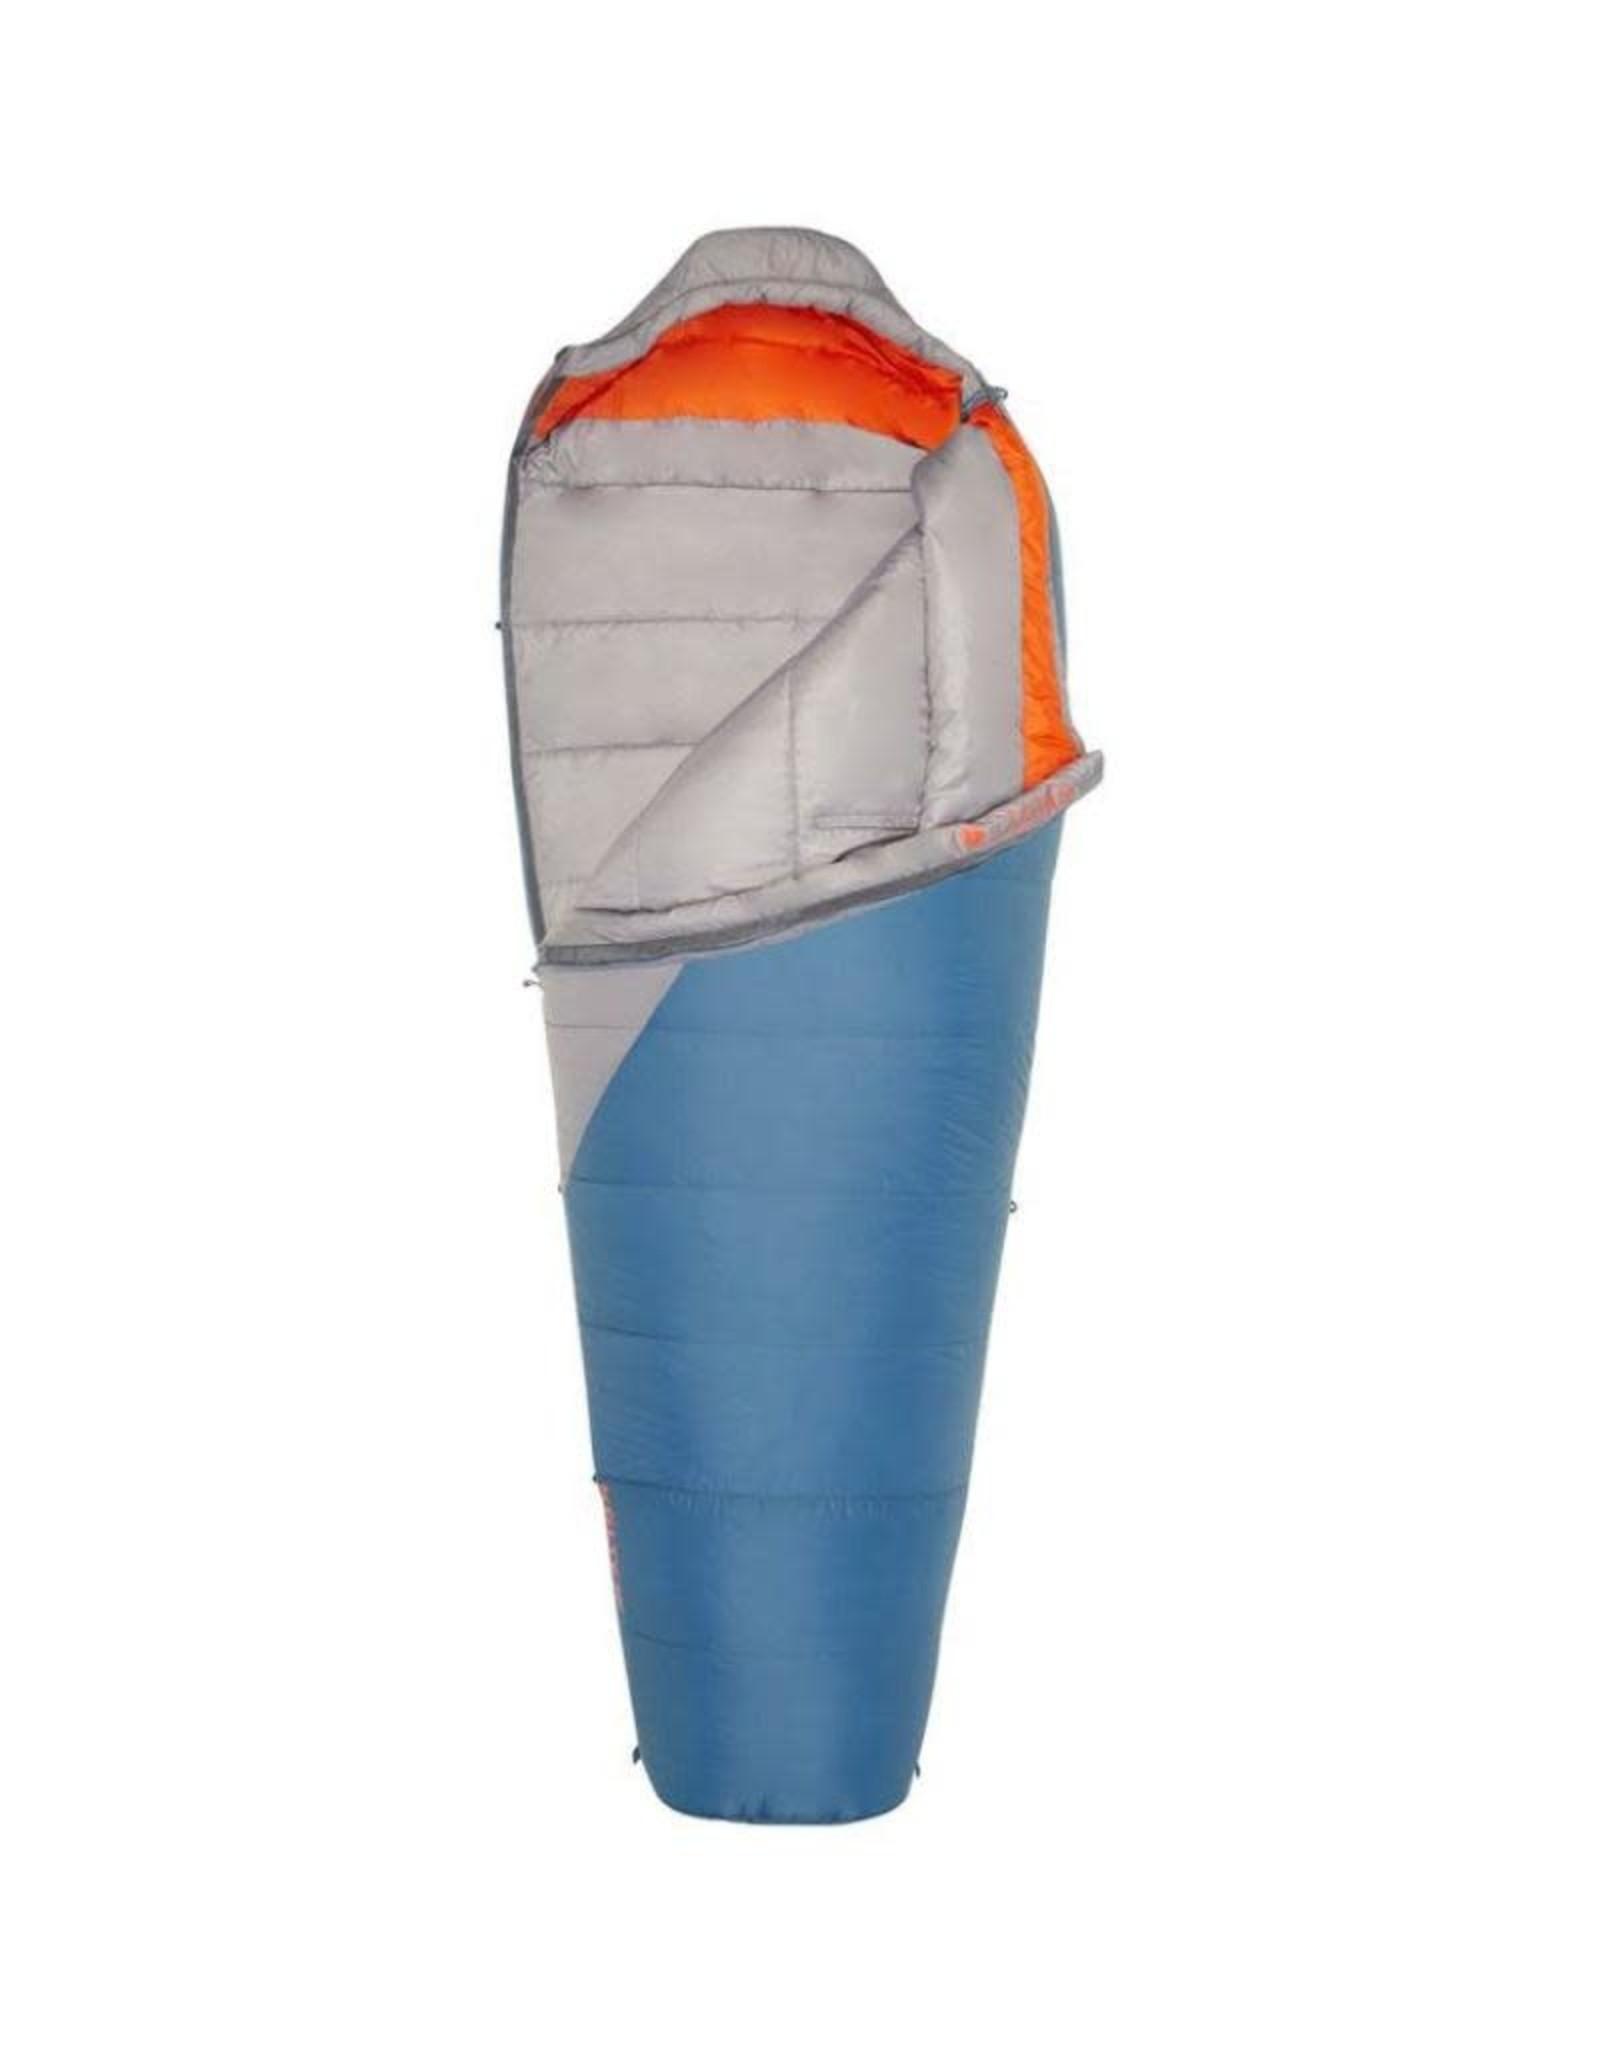 Kelty 20 Degree Cosmic Synthetic Sleeping Bag